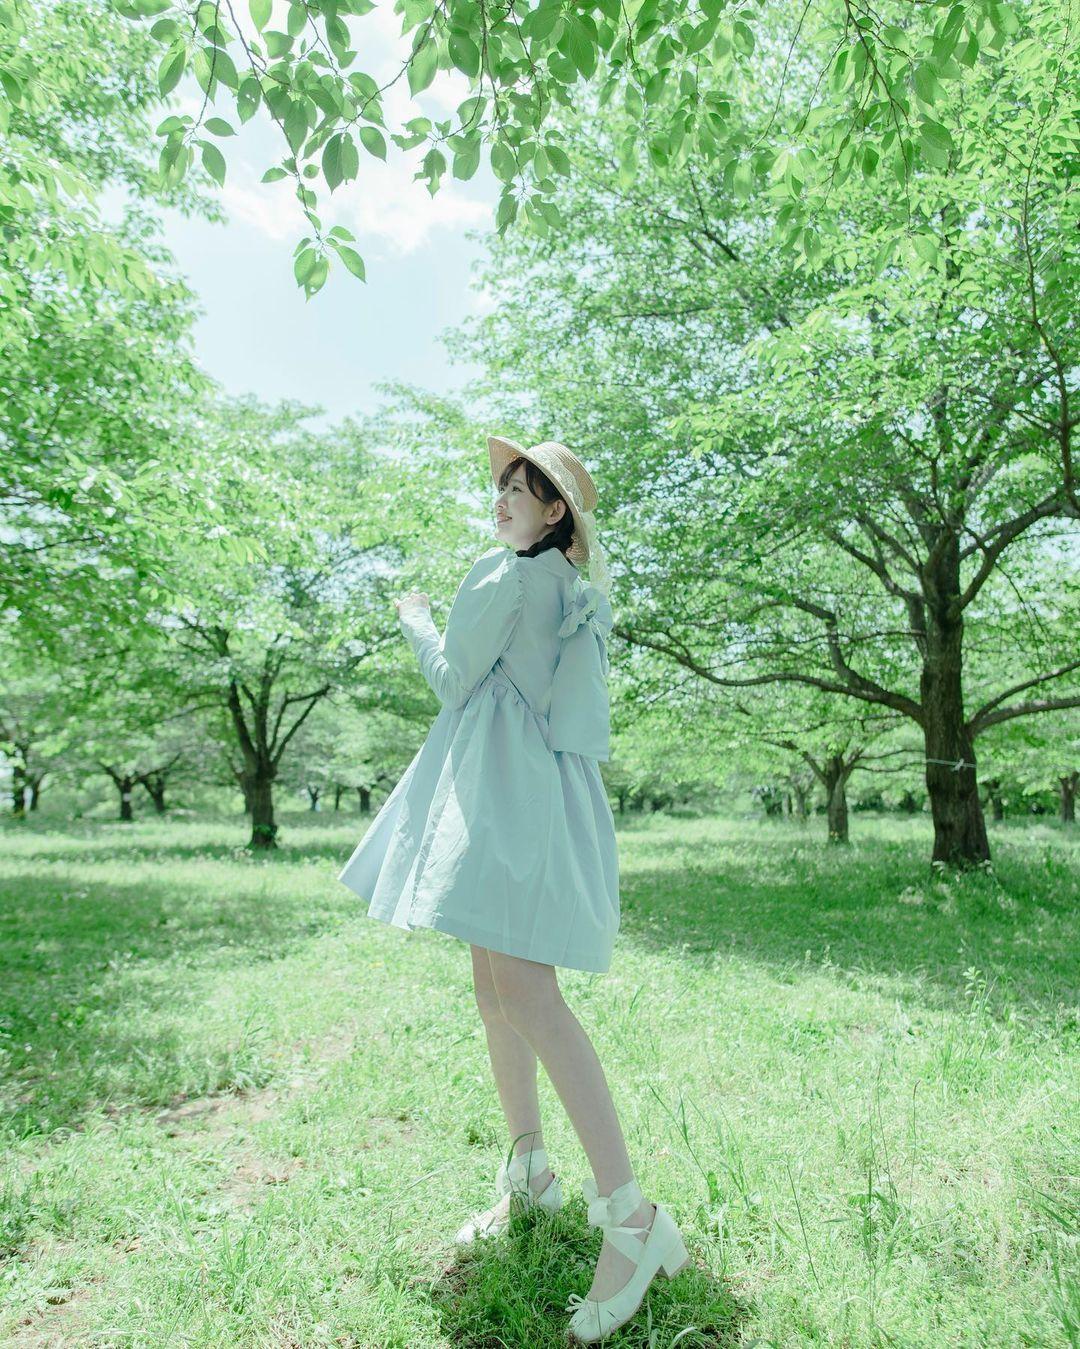 短发美妹「川村文乃」纯白比基尼全身上下找不到一丝缺点-新图包